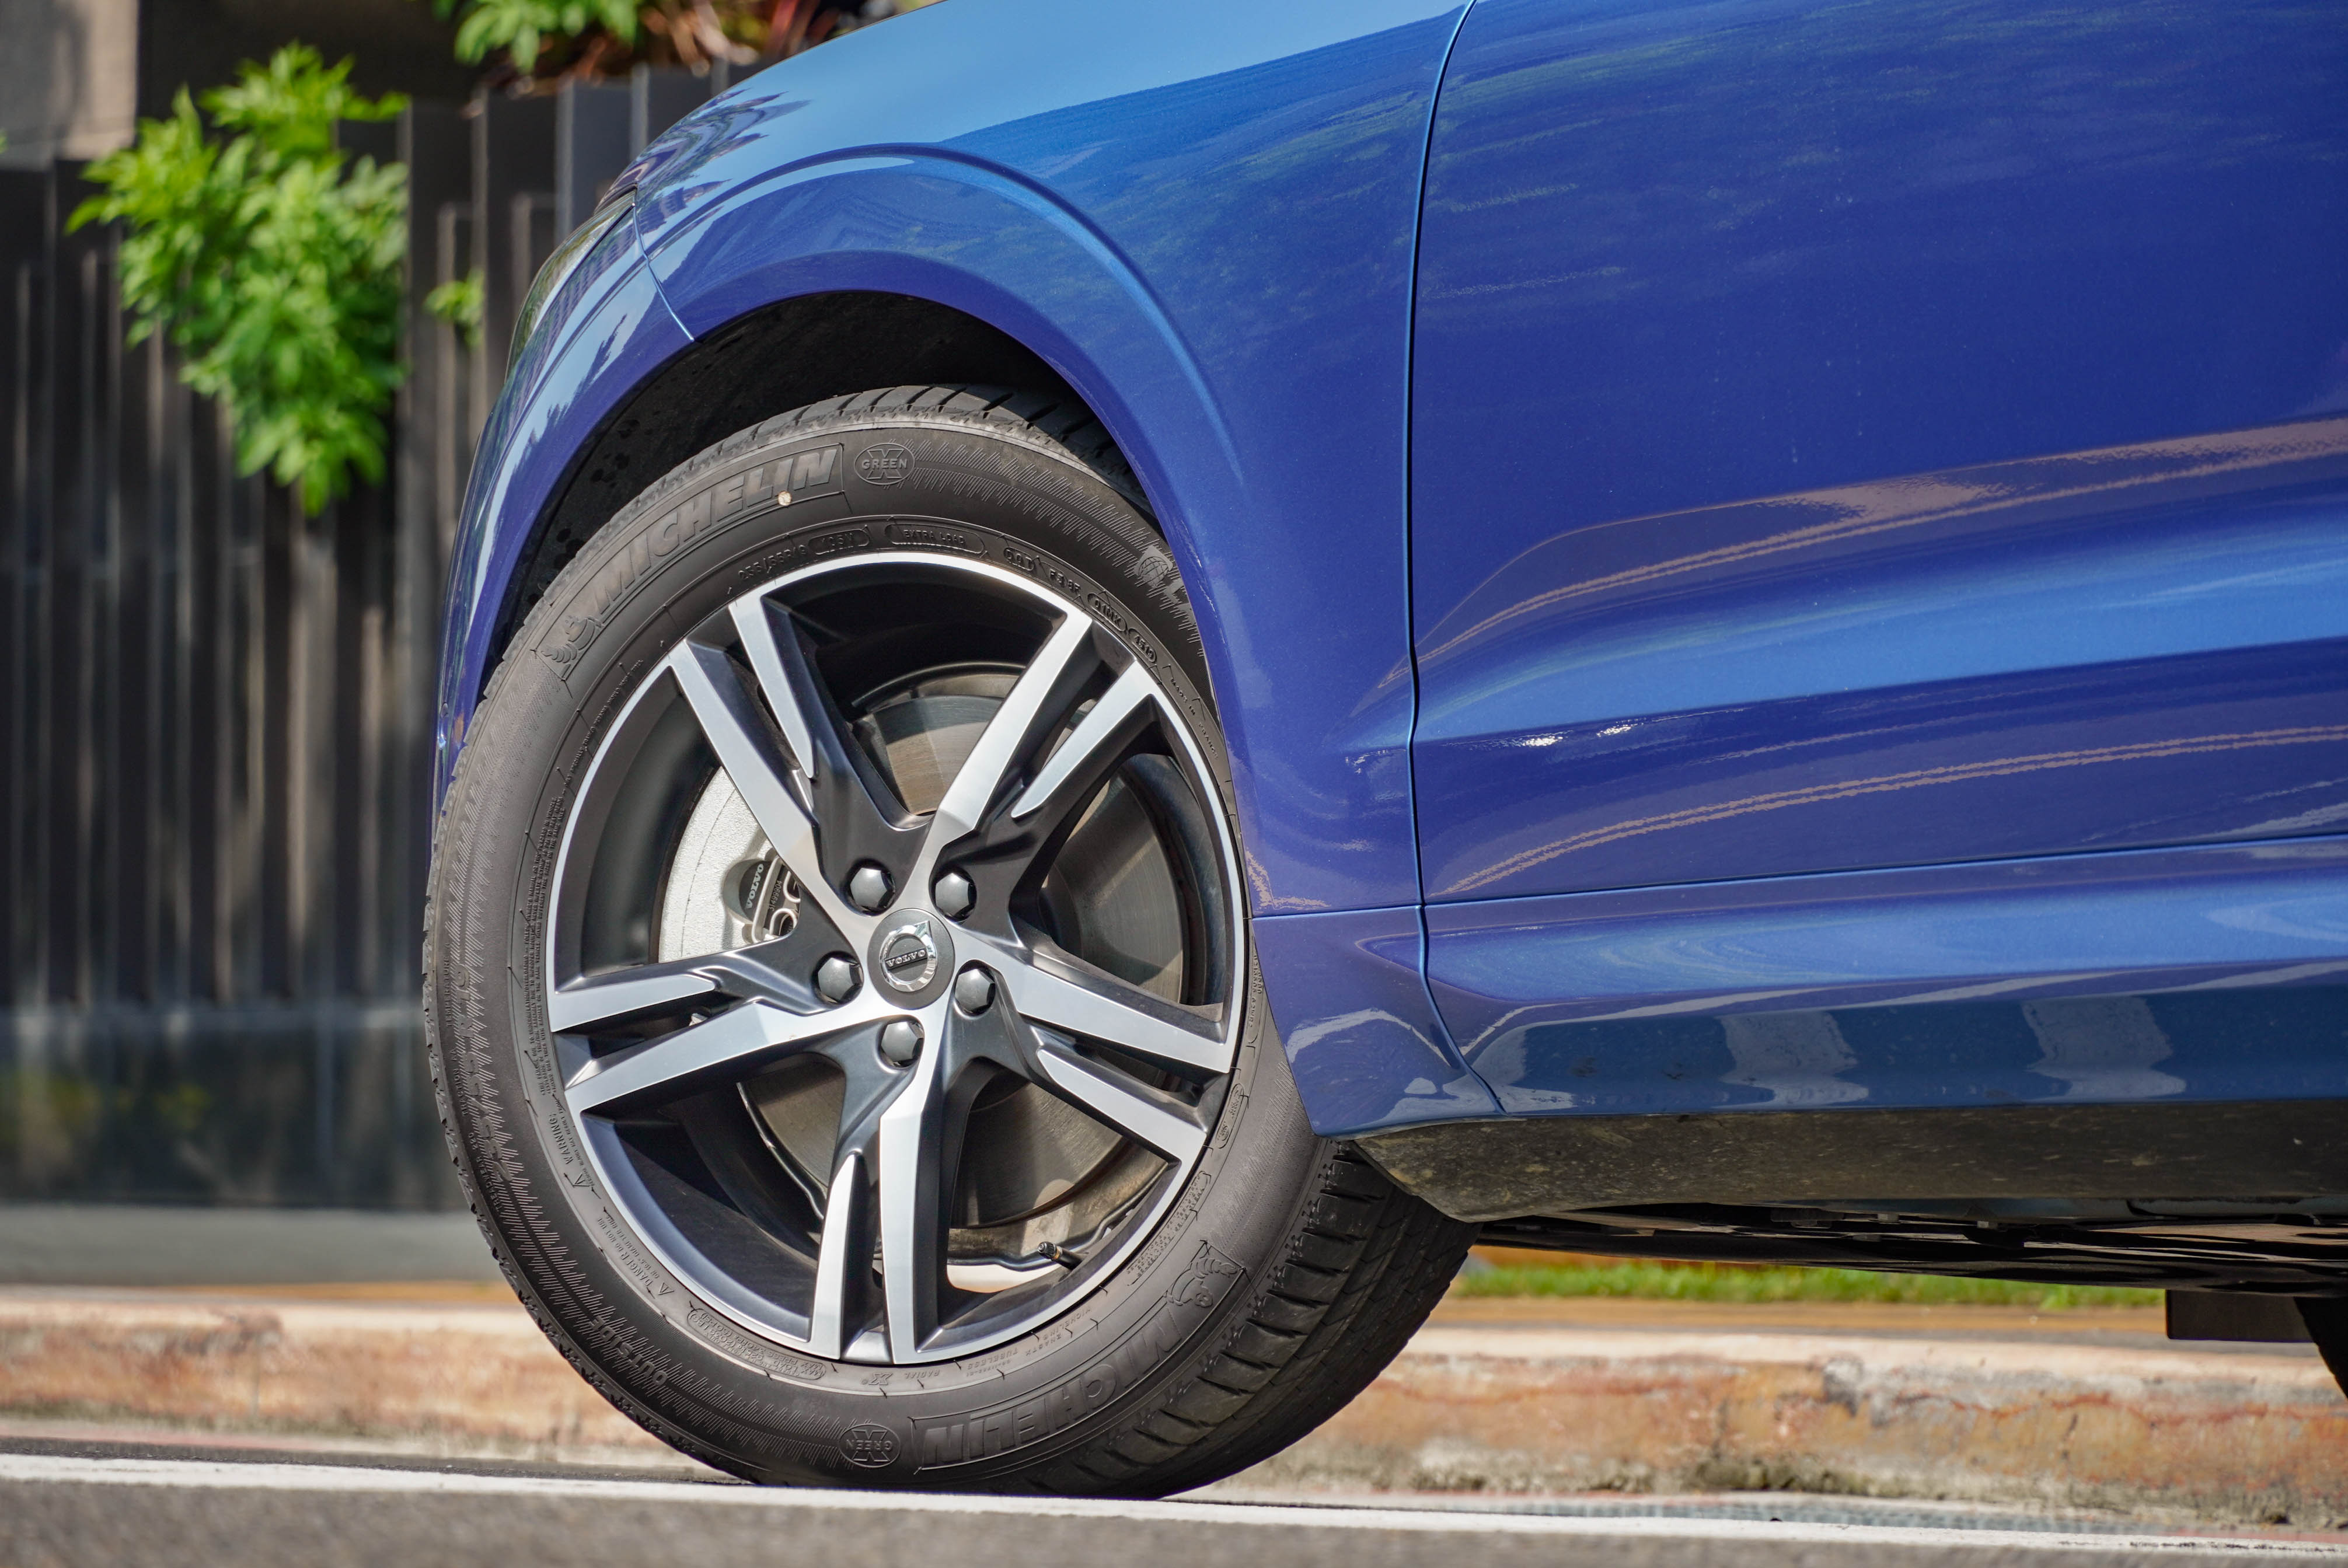 標配 19 吋 5 輻雙肋 R-Design 專屬黑鑽石切割鋁合金鋼圈。